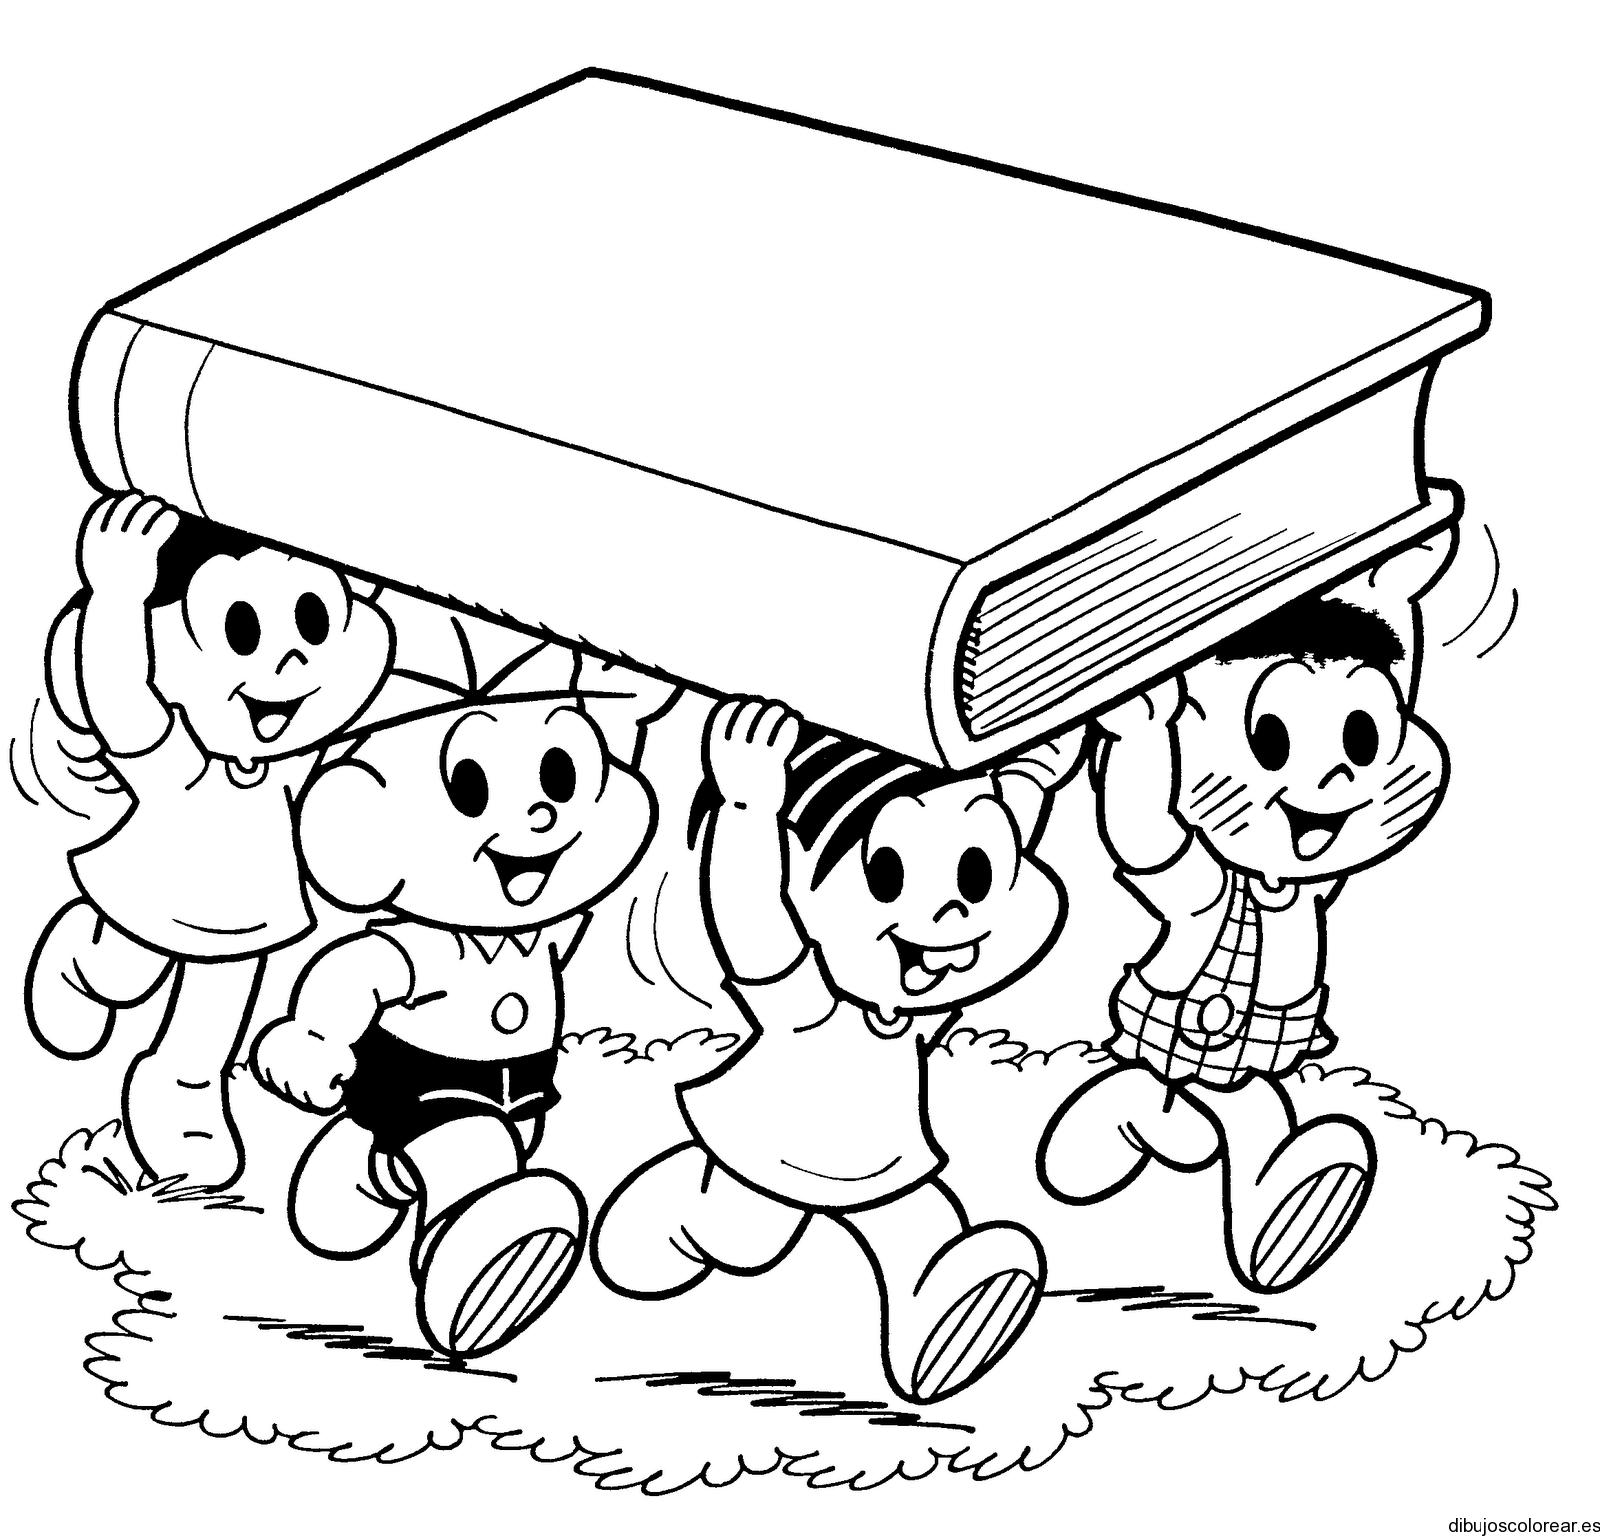 Resultado de imagen para imagenes de niños leyendo para colorear ...